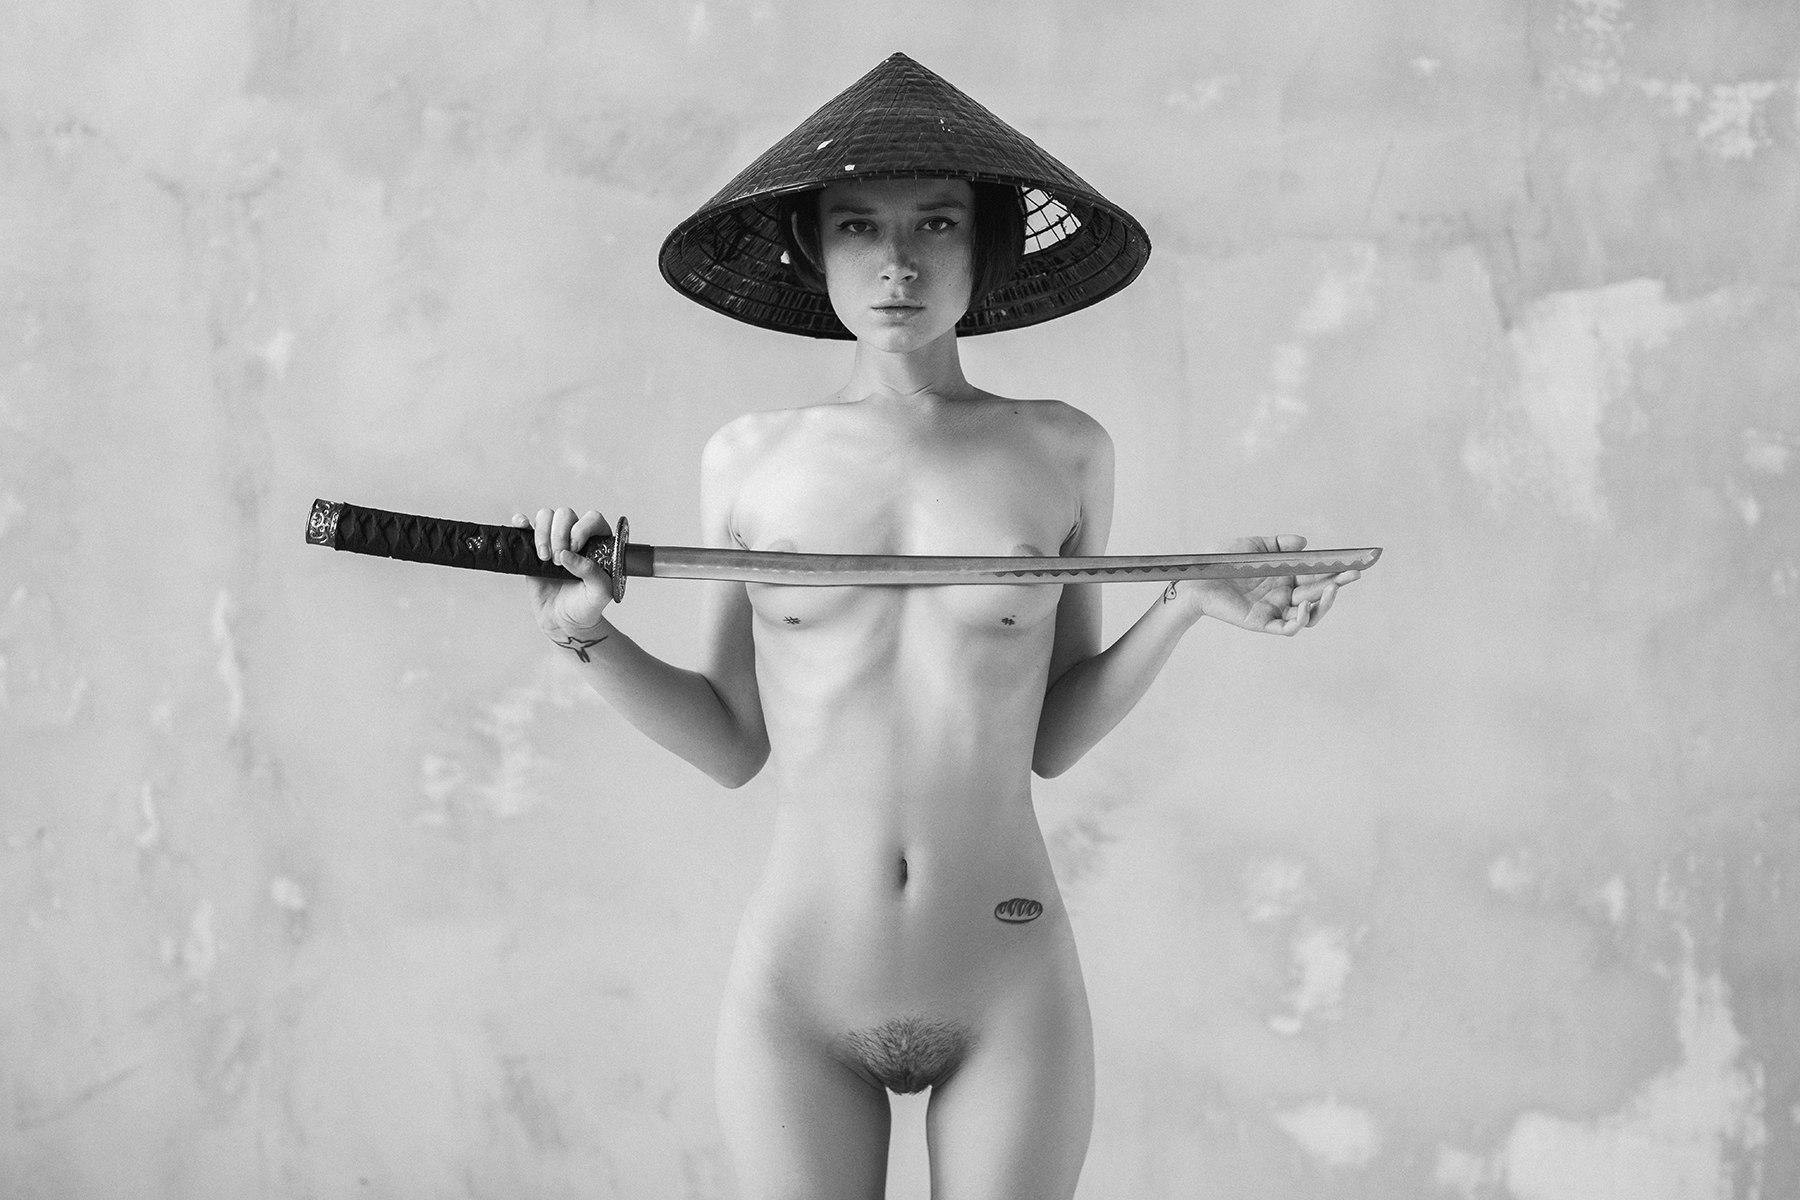 Полина Князева овладевает самурайским мечом / Polina Knyazeva nude with sword by Alexey Trifonov